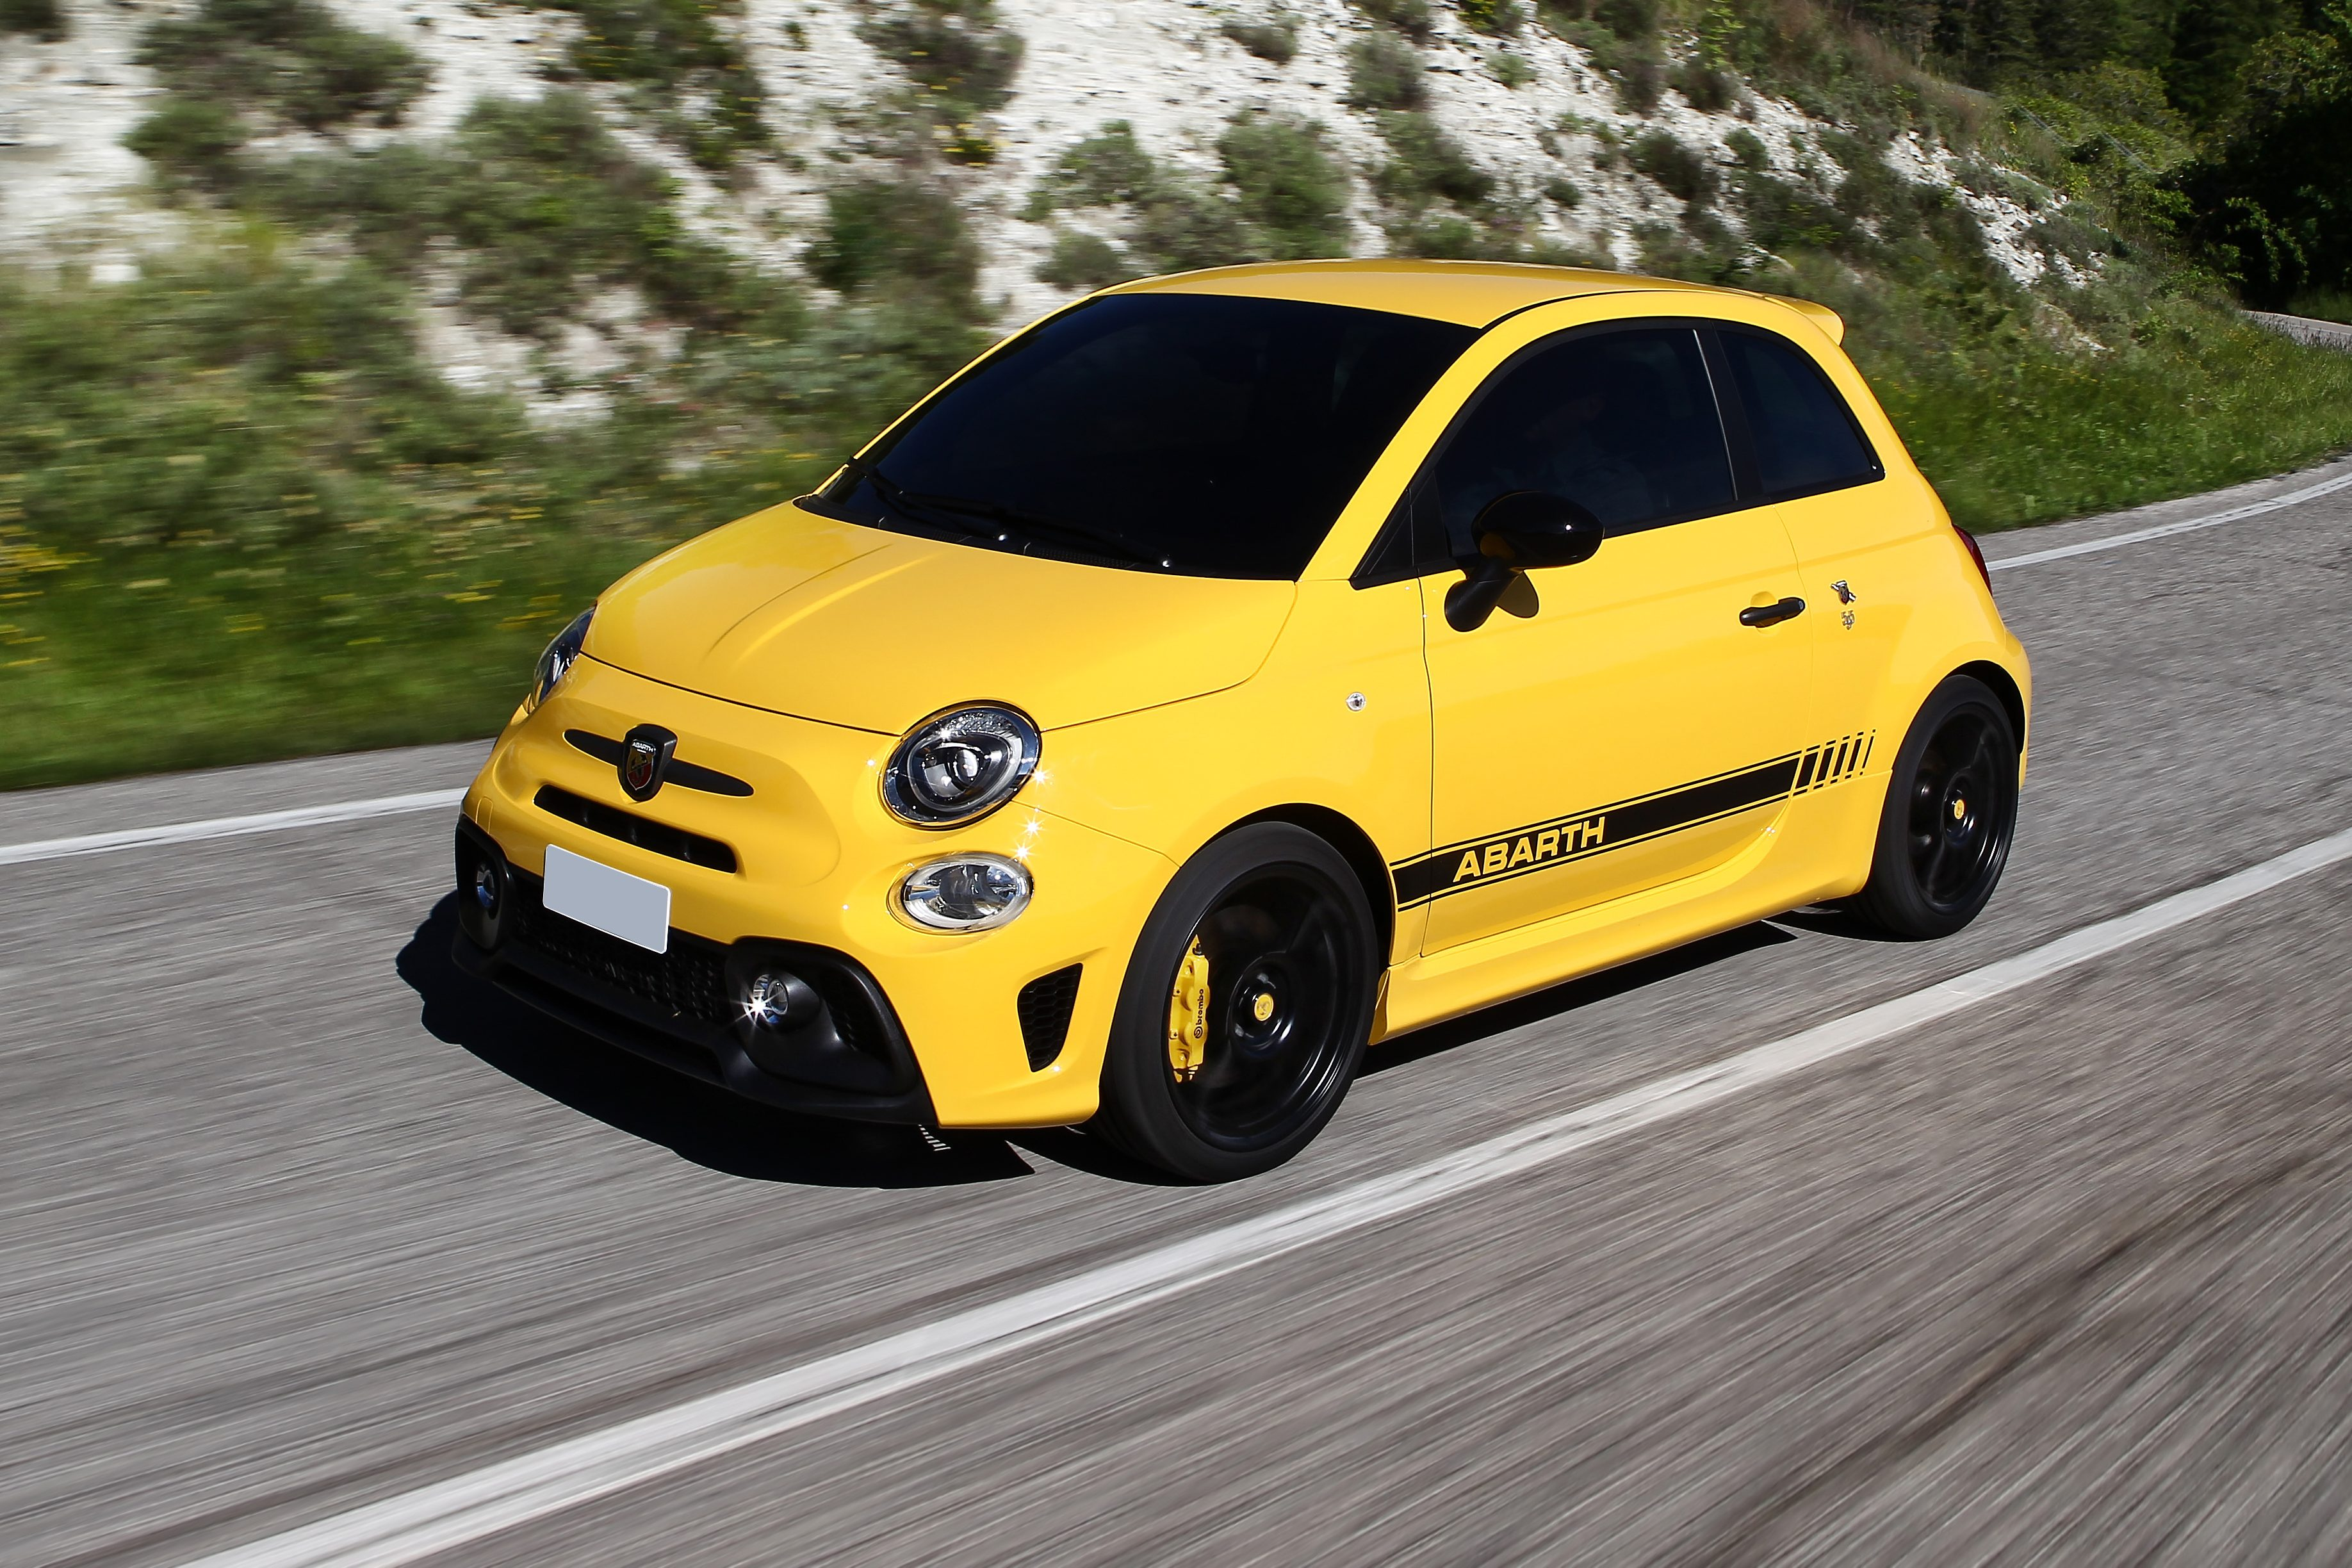 Depois de voar baixo nas pistas, a Abarth se tornou um segmento esportivo da Fiat